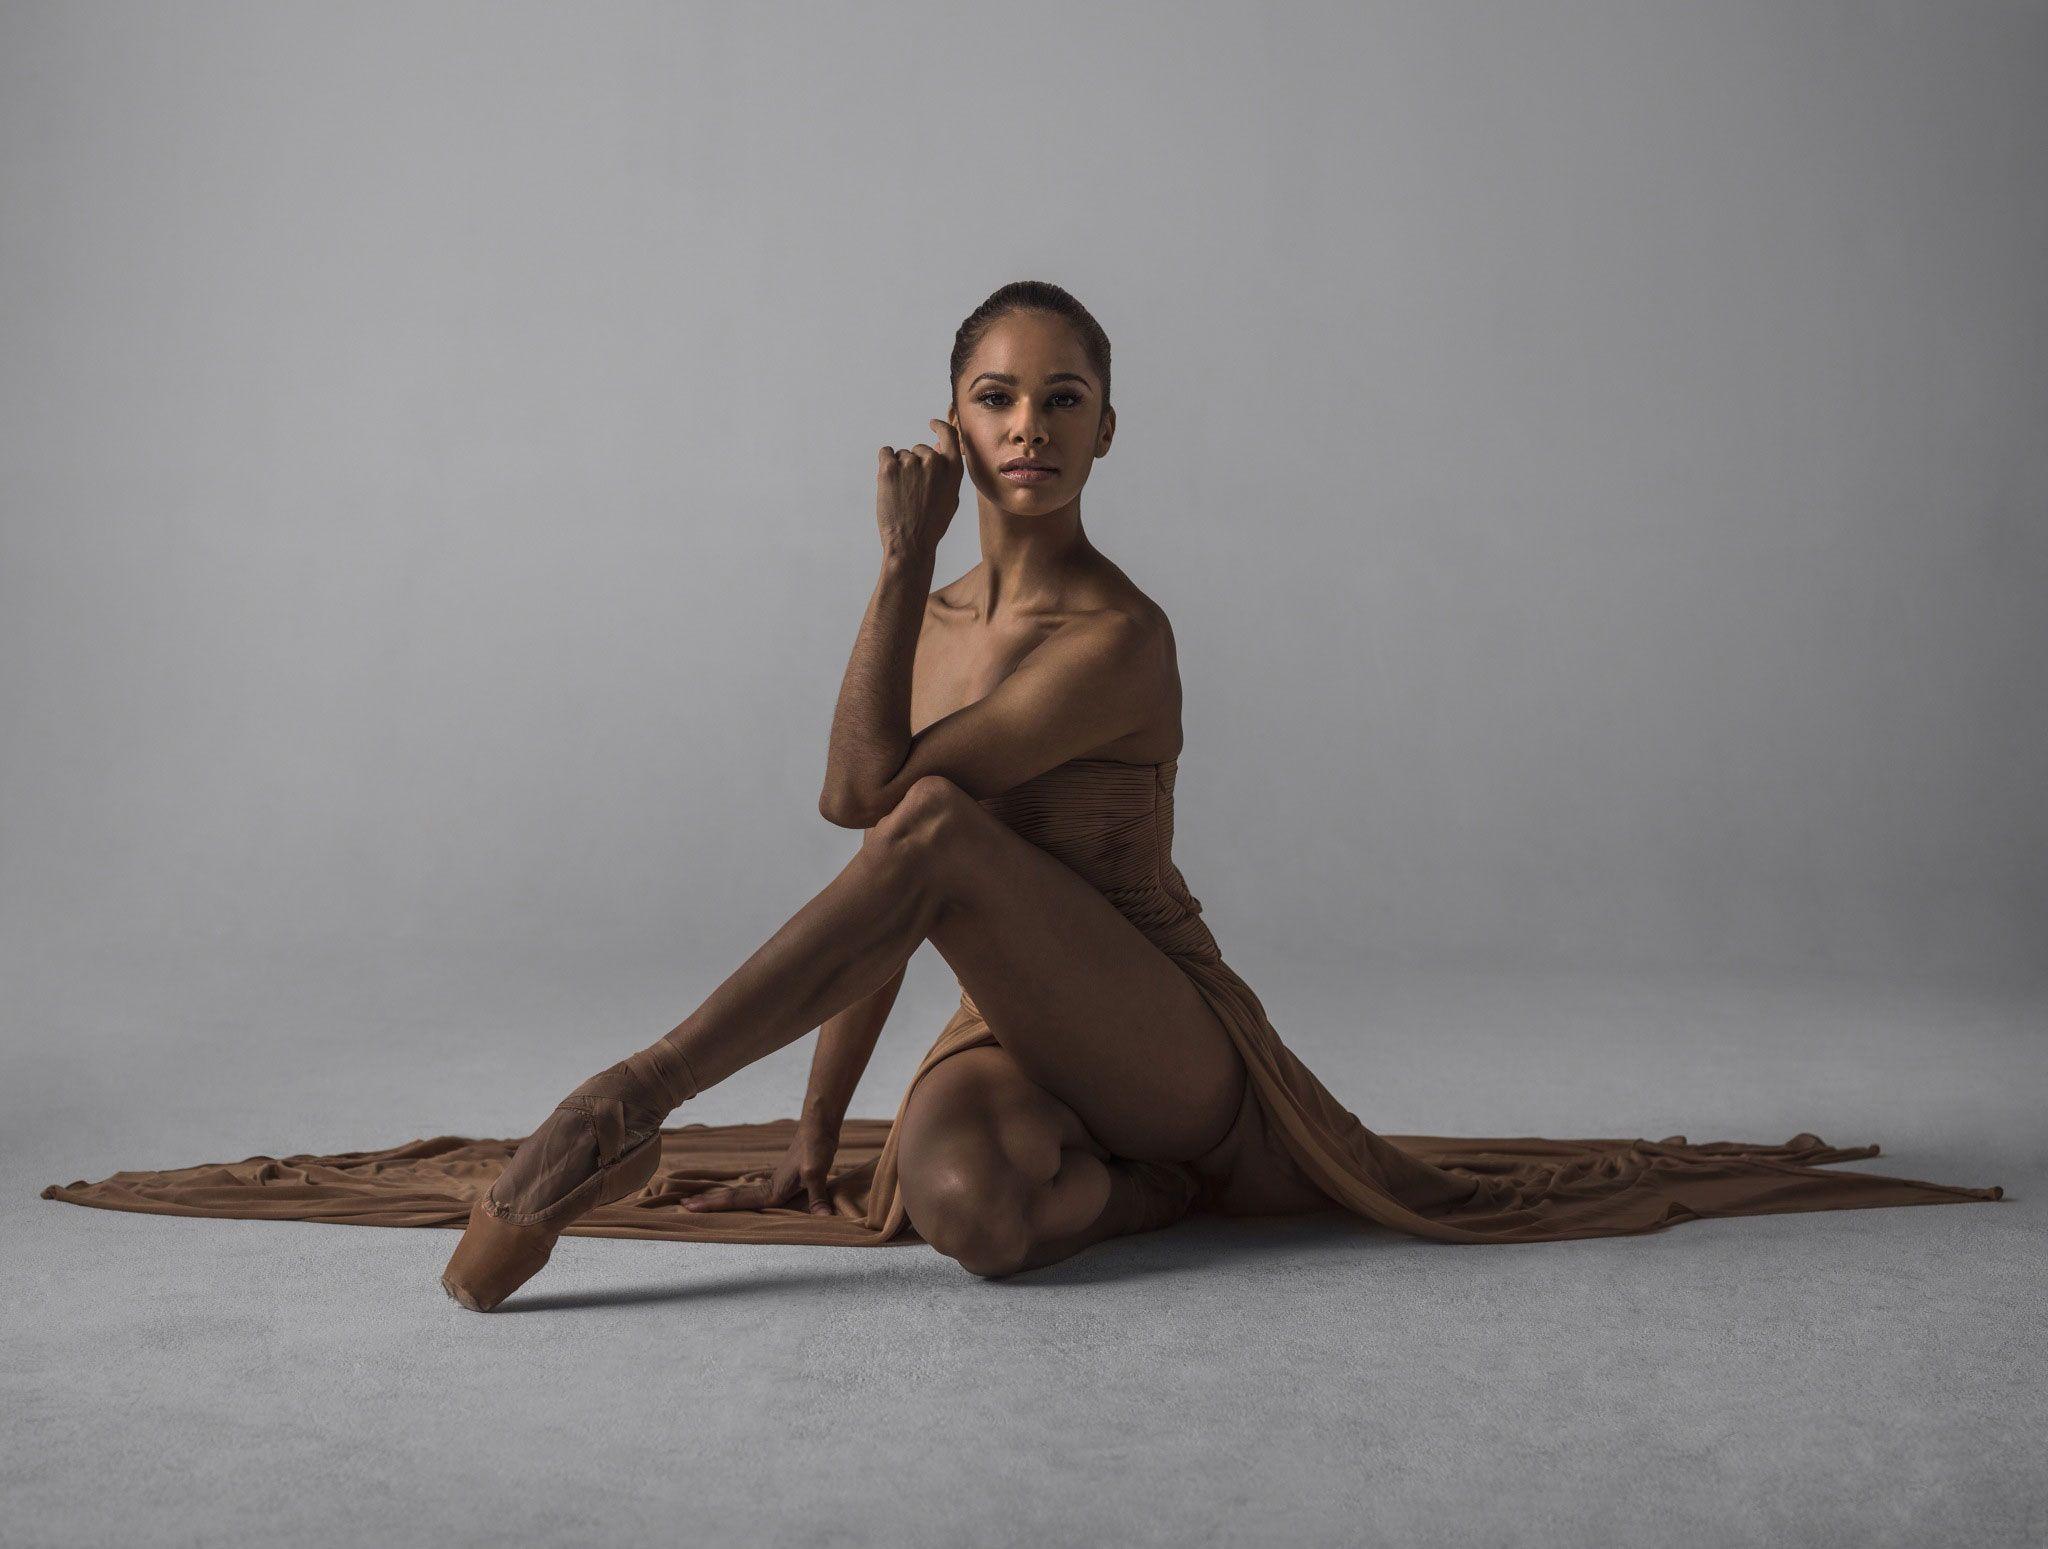 Misty Copeland è la Prima Ballerina afroamericana all'American Ballet Theater di New York